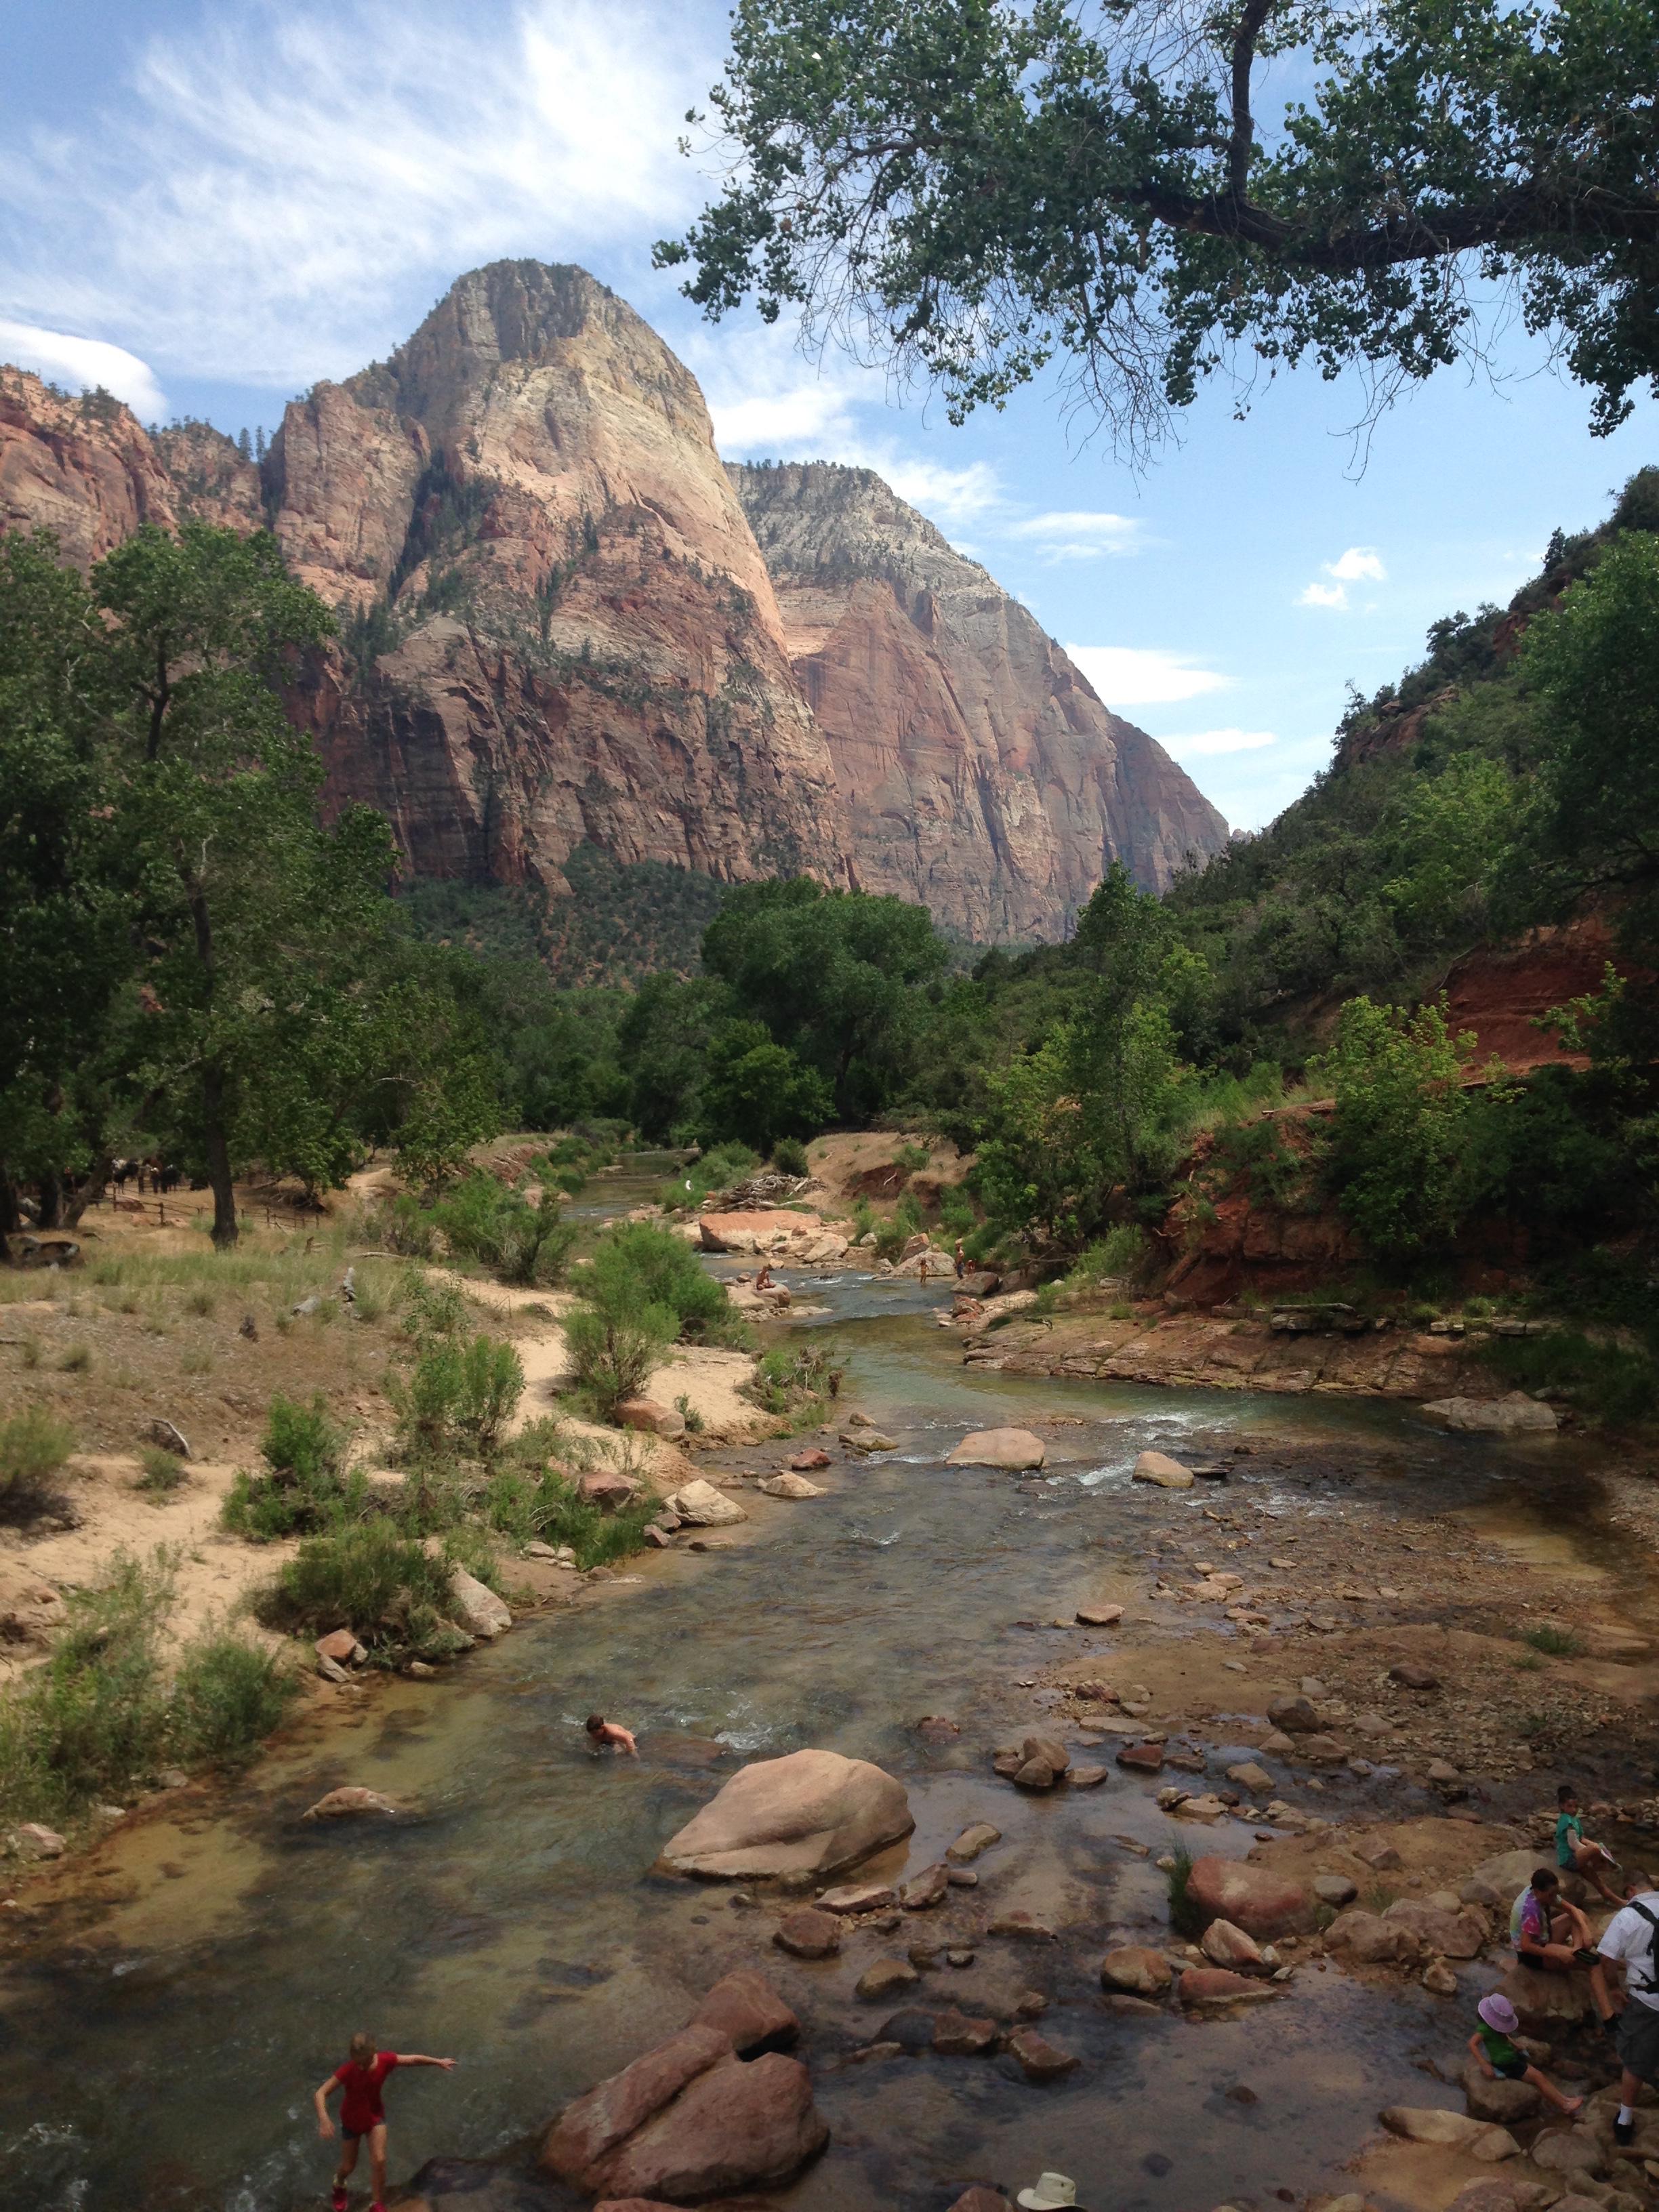 image of canyon